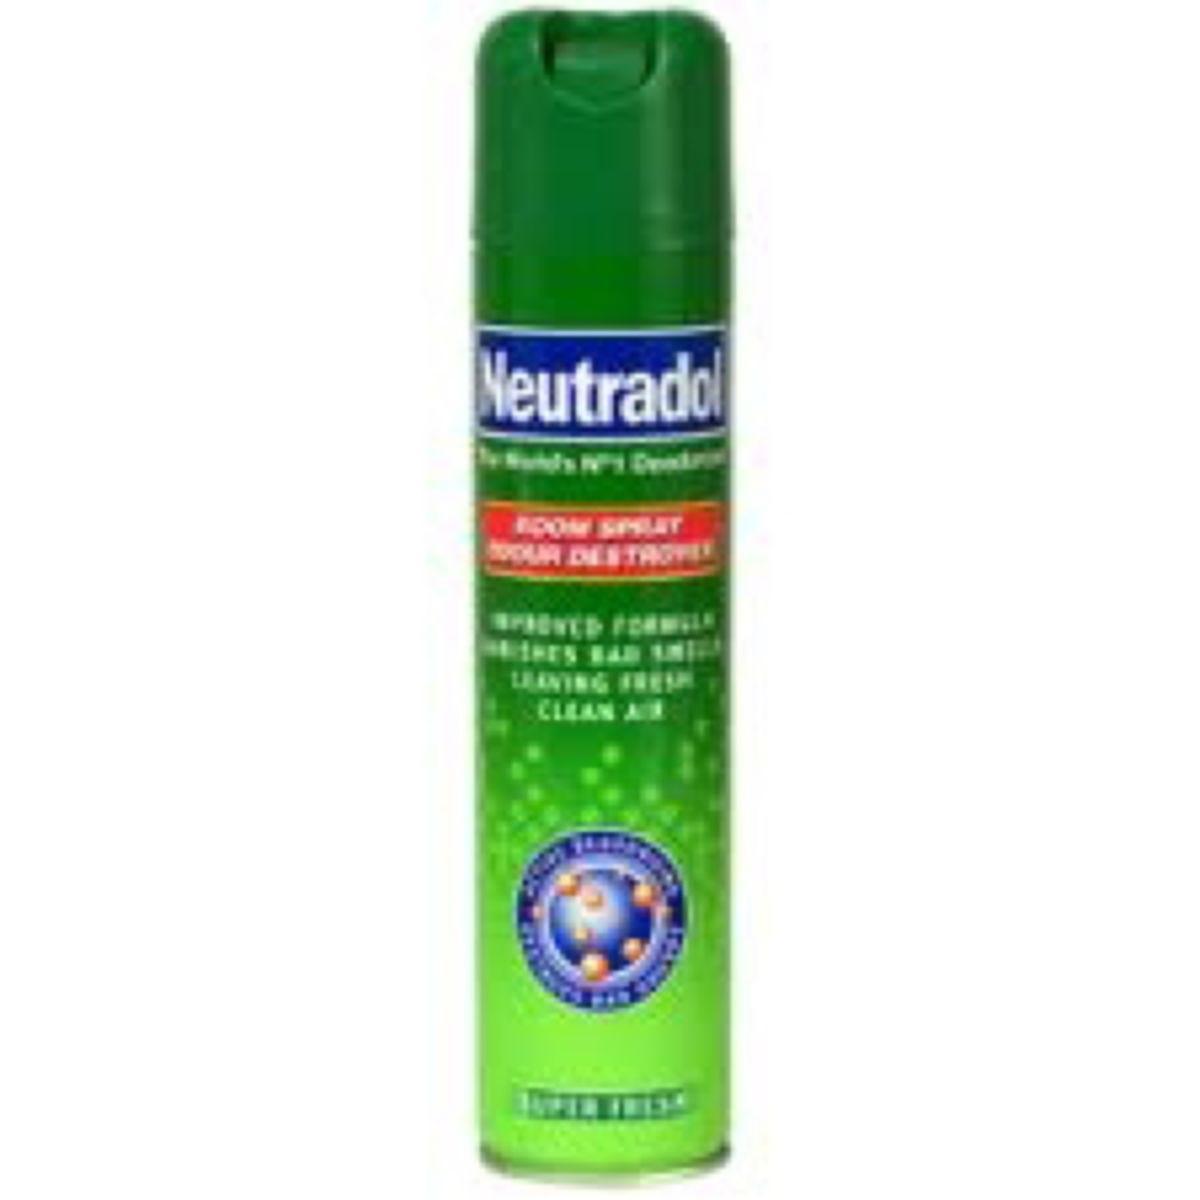 Neutradol Superfresh Aerosol